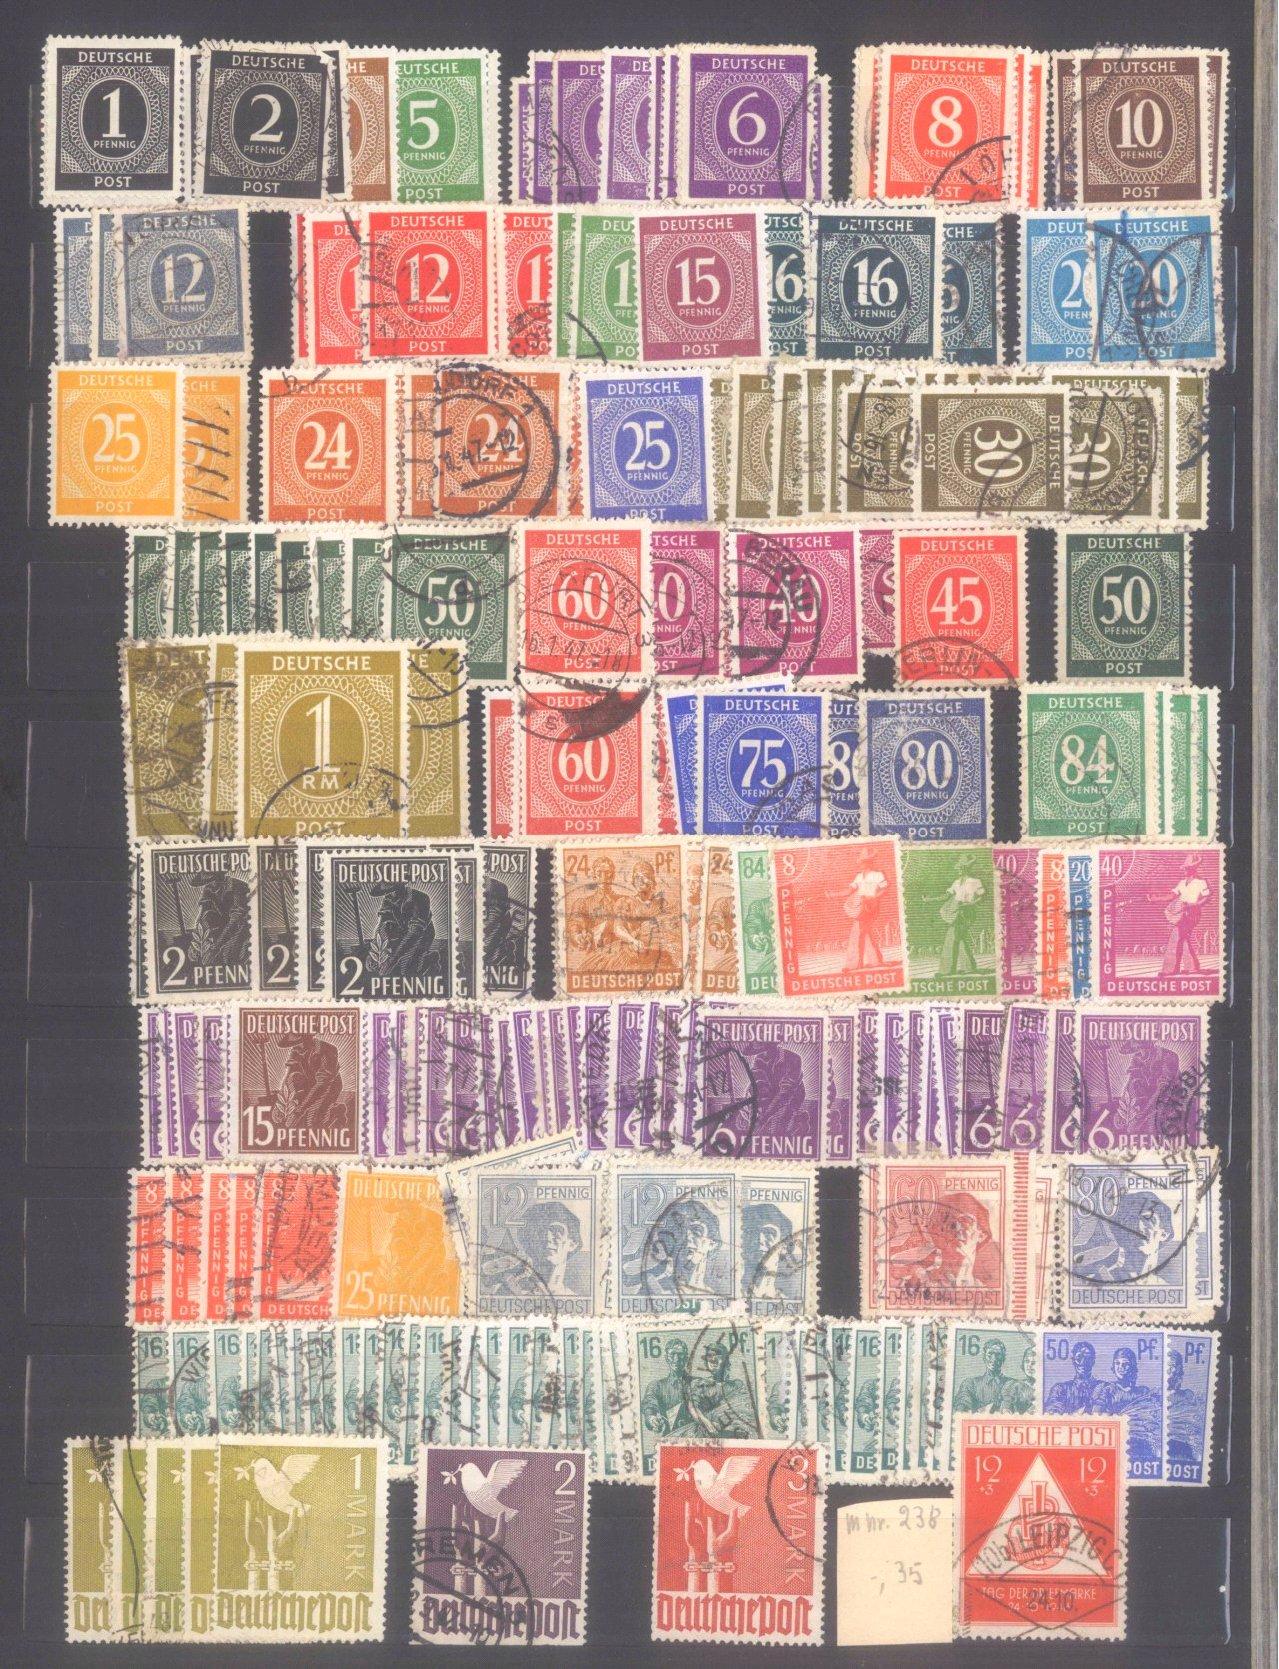 Mannheimer Briefmarkennachlass-24